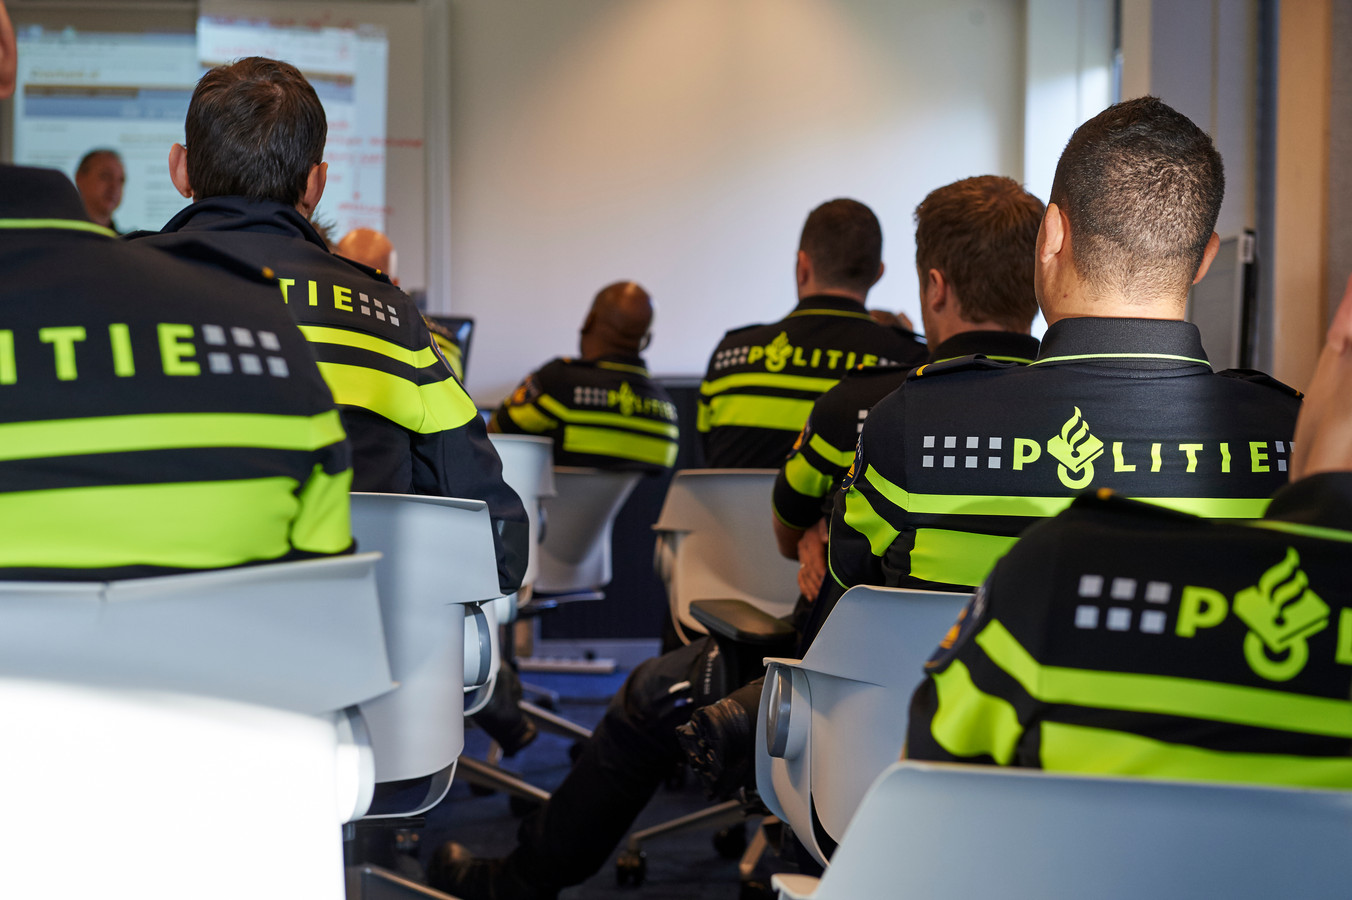 Studenten volgen op de Politieacademie een theorieles.